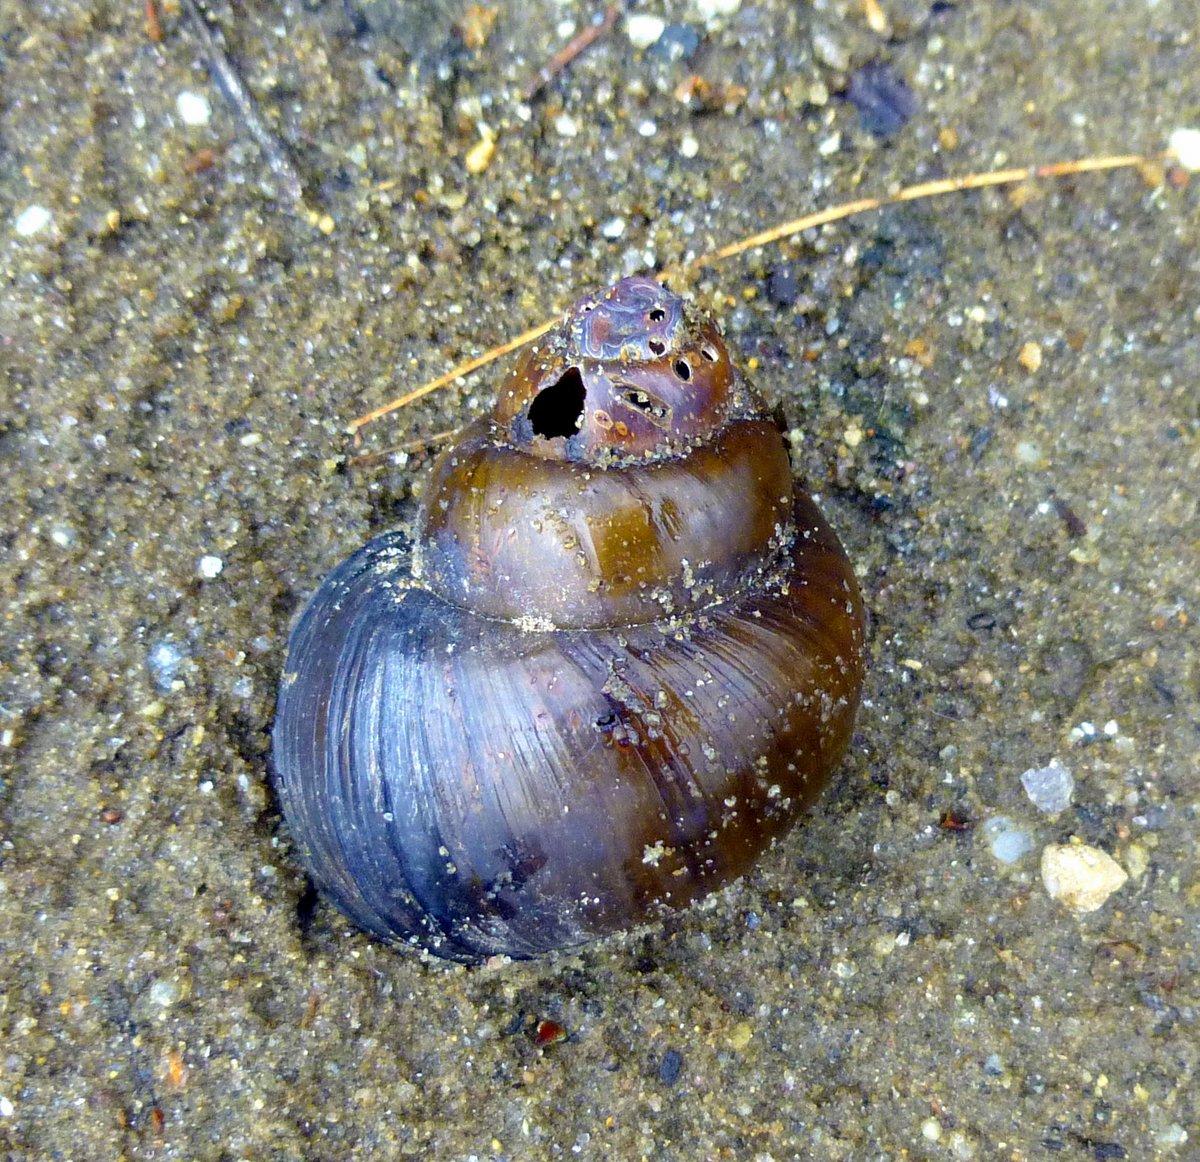 4. Snail Shell